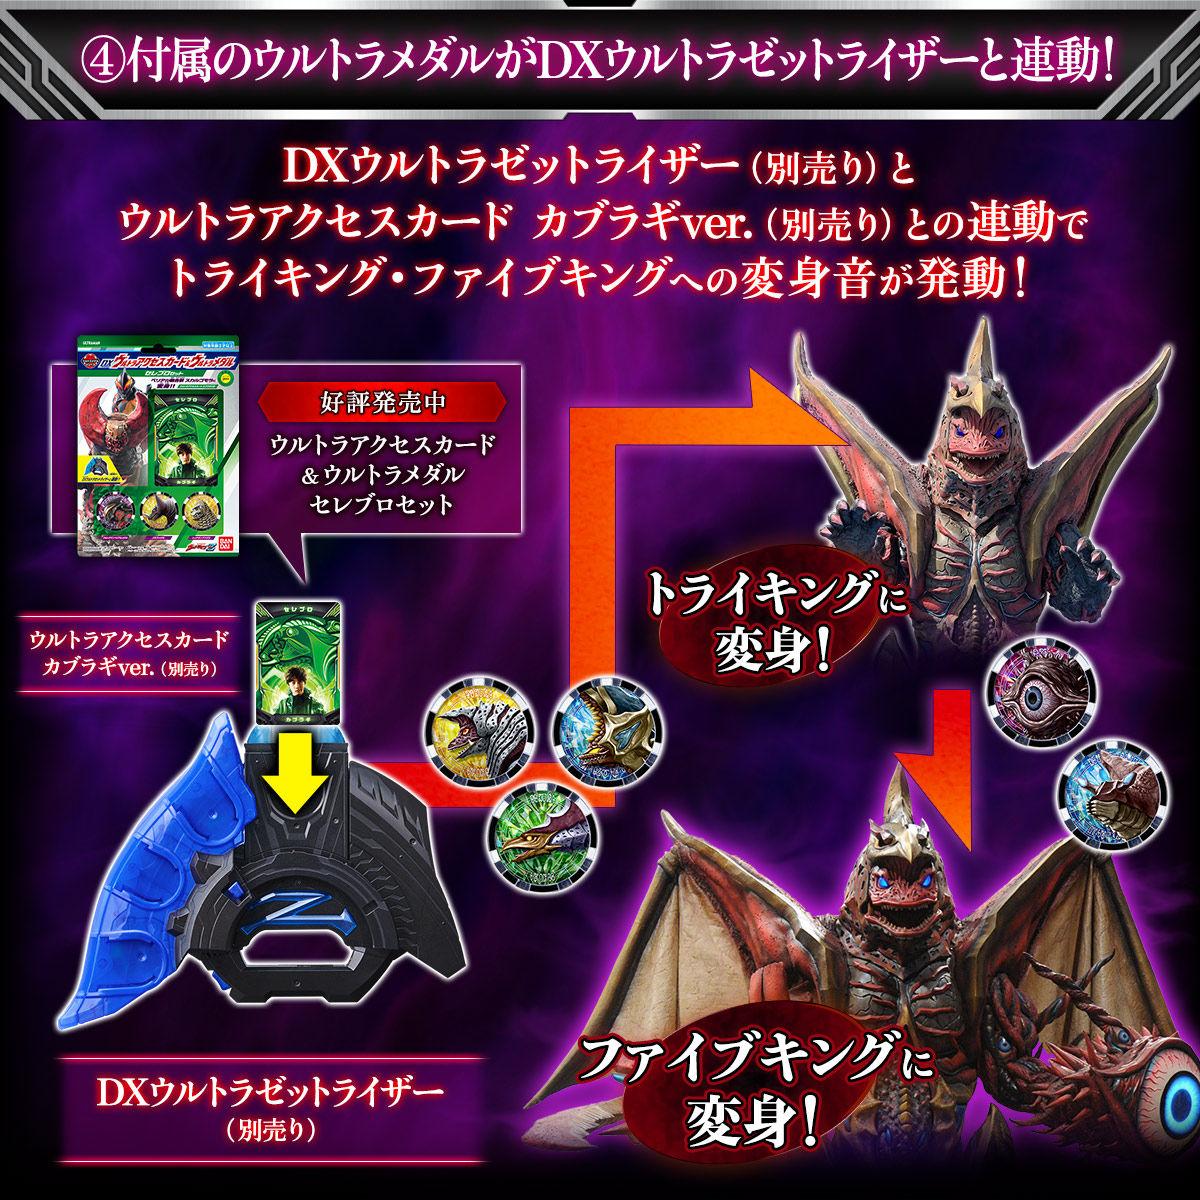 【限定販売】ウルトラマンZ『DXダークゼットライザー』ウルトラマンゼット 変身なりきり-006